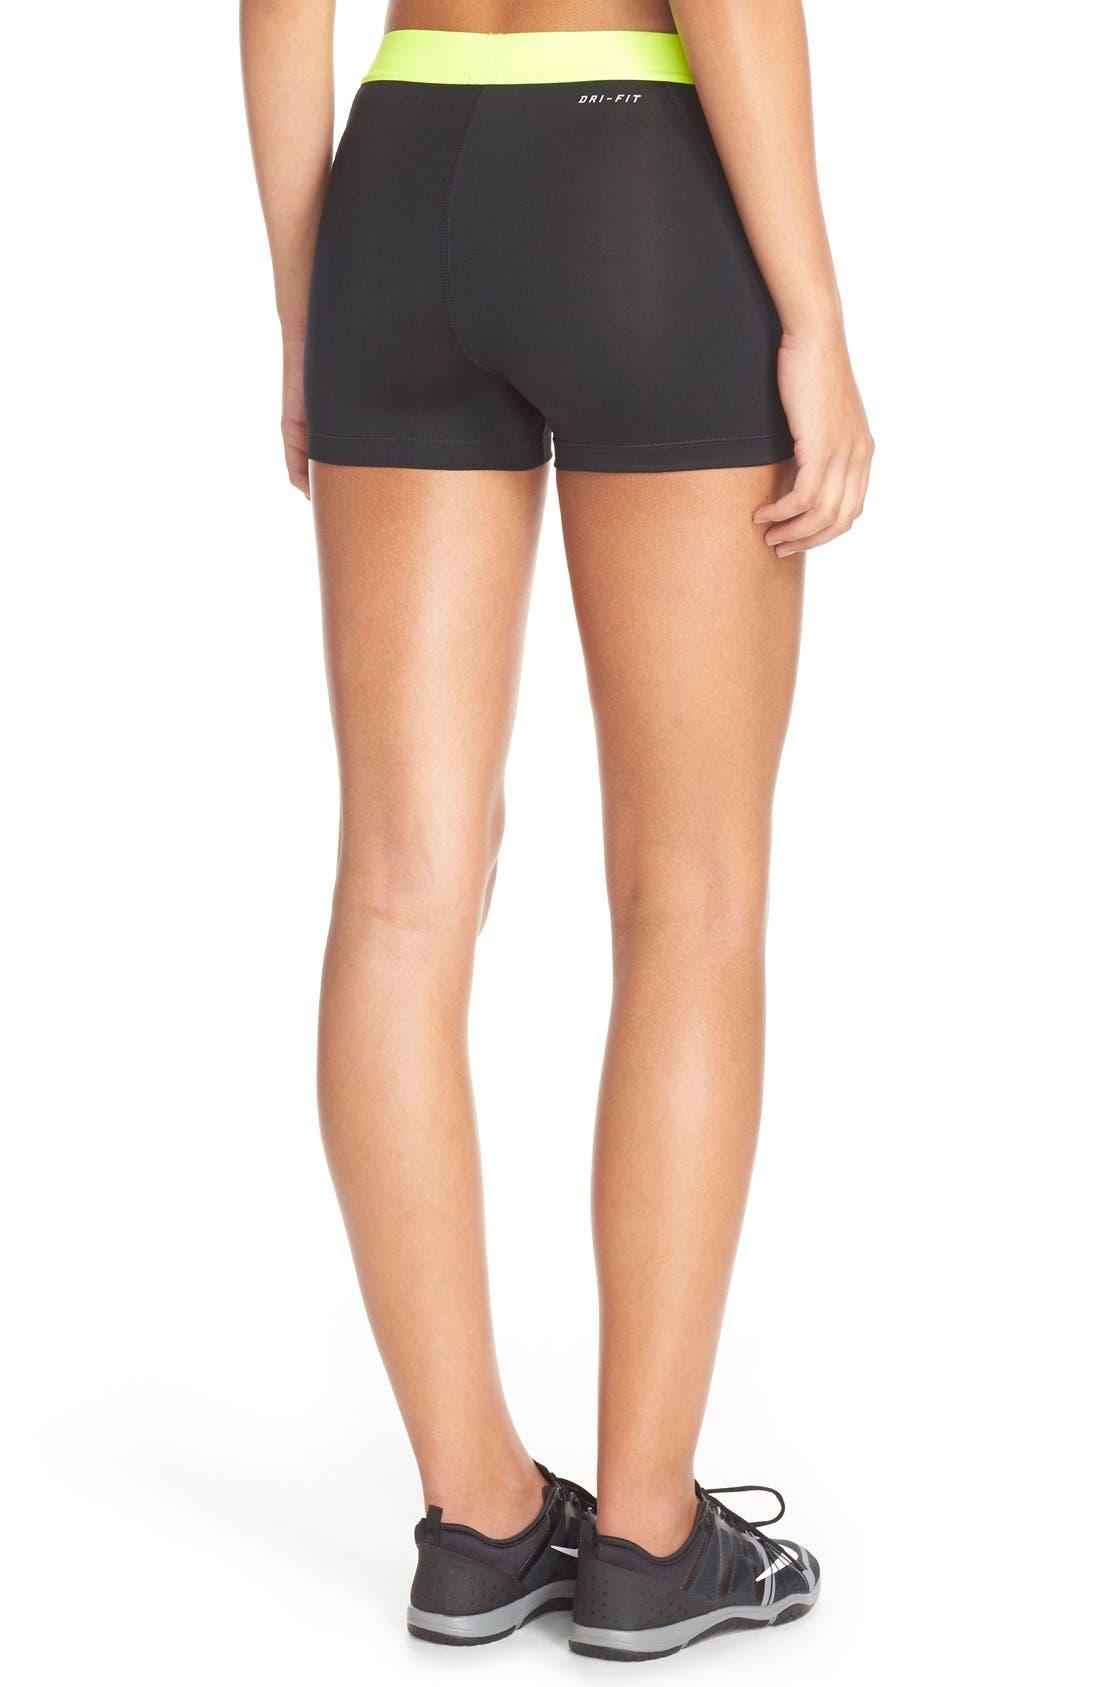 NIKE,                             'Pro' Dri-FIT Shorts,                             Alternate thumbnail 3, color,                             012